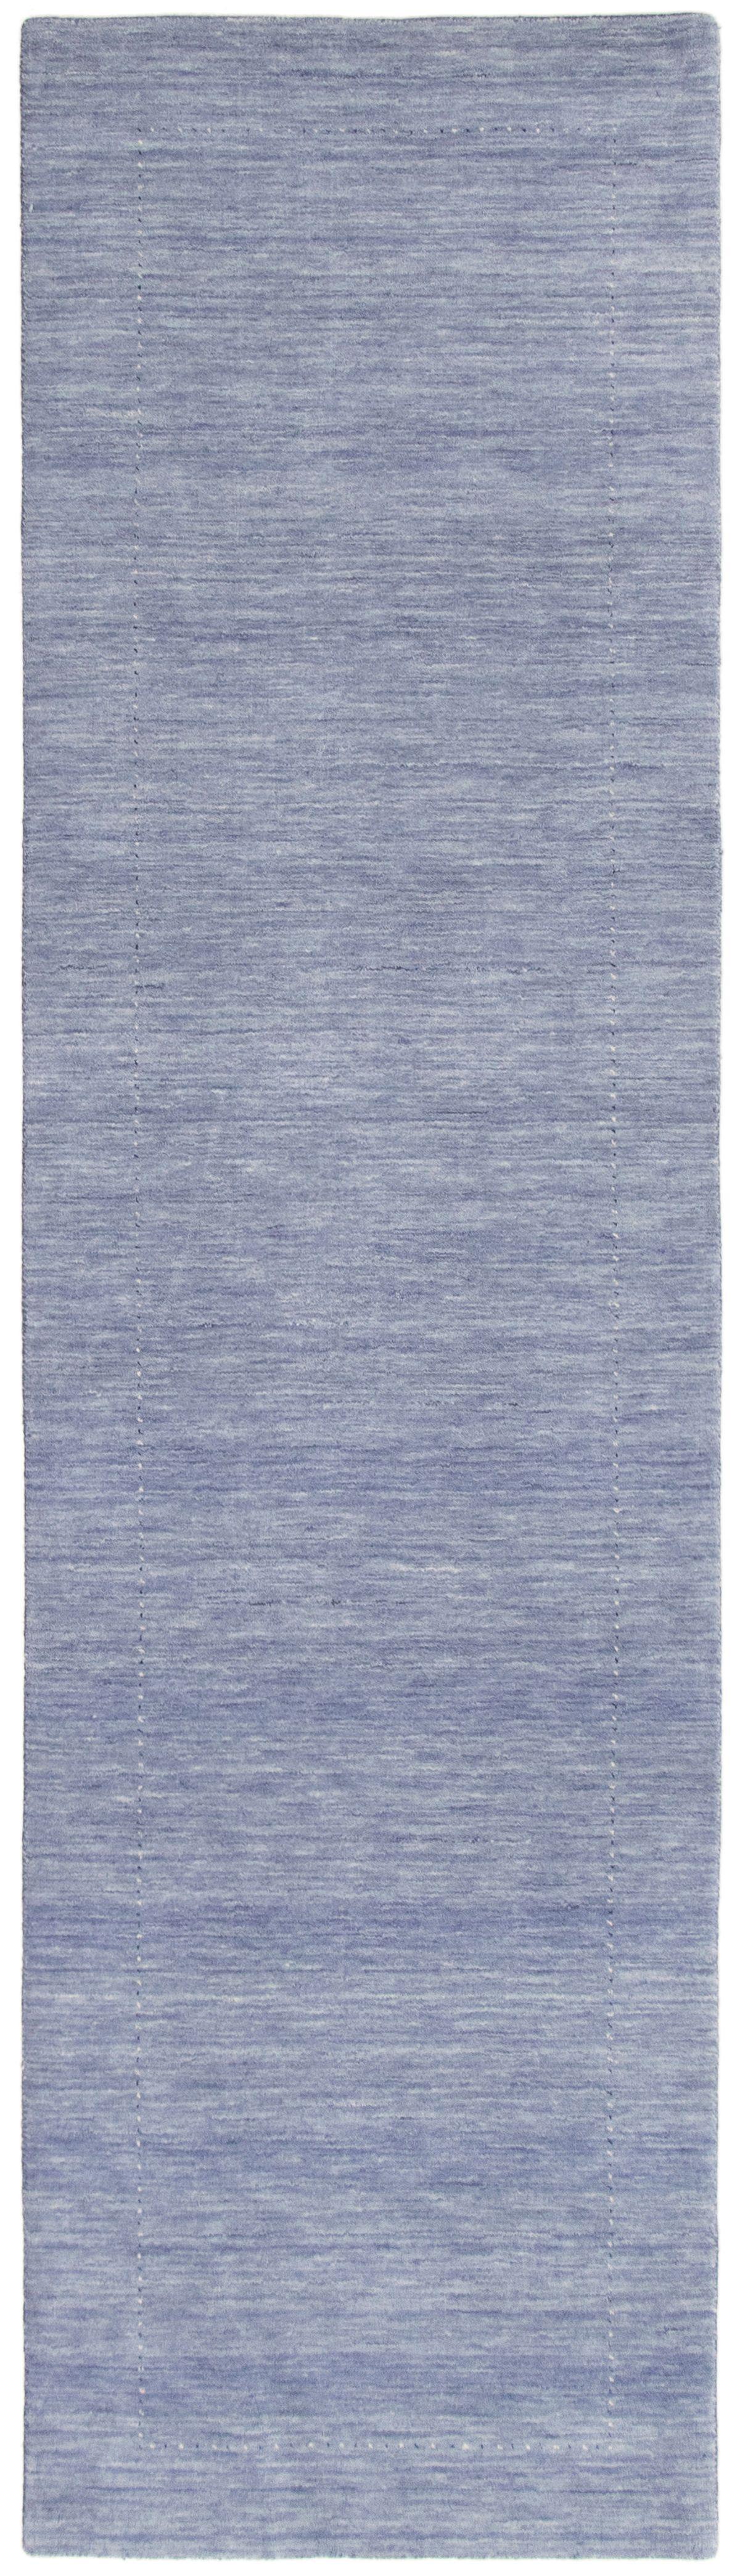 """Hand-knotted Kashkuli Gabbeh Slate Blue Wool Rug 2'9"""" x 10'0""""  Size: 2'9"""" x 10'0"""""""